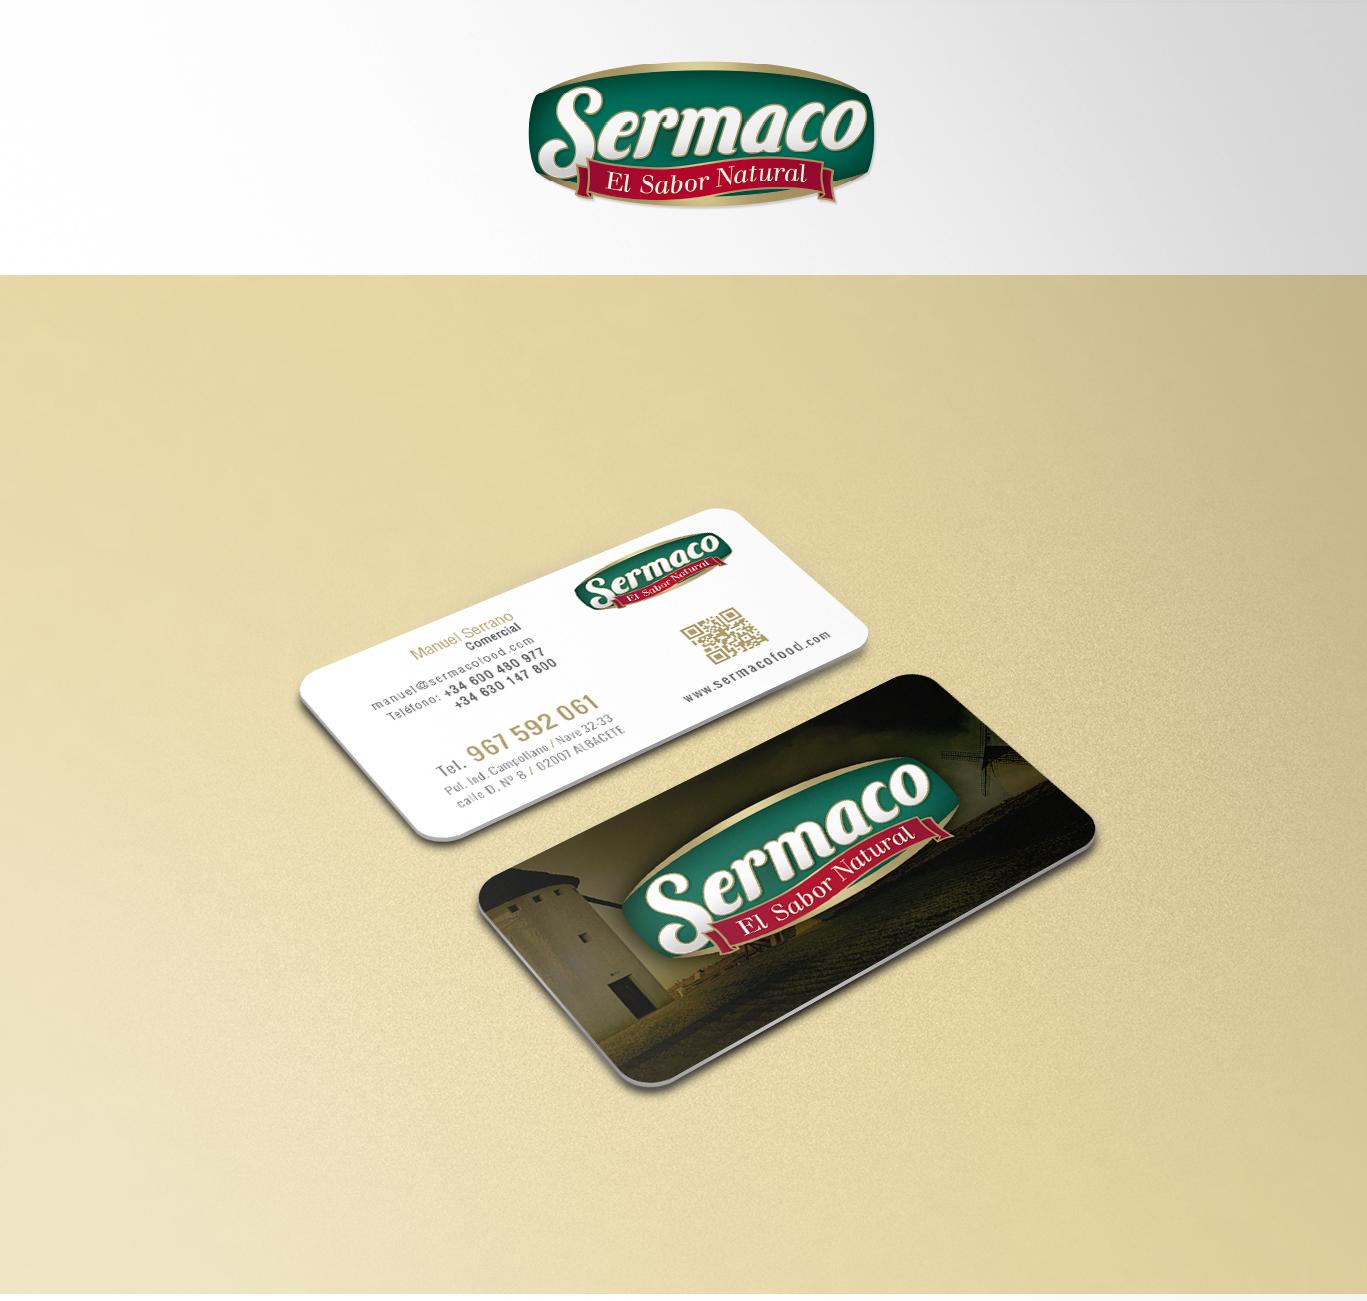 Impresión de tarjetas de visita para Sermaco